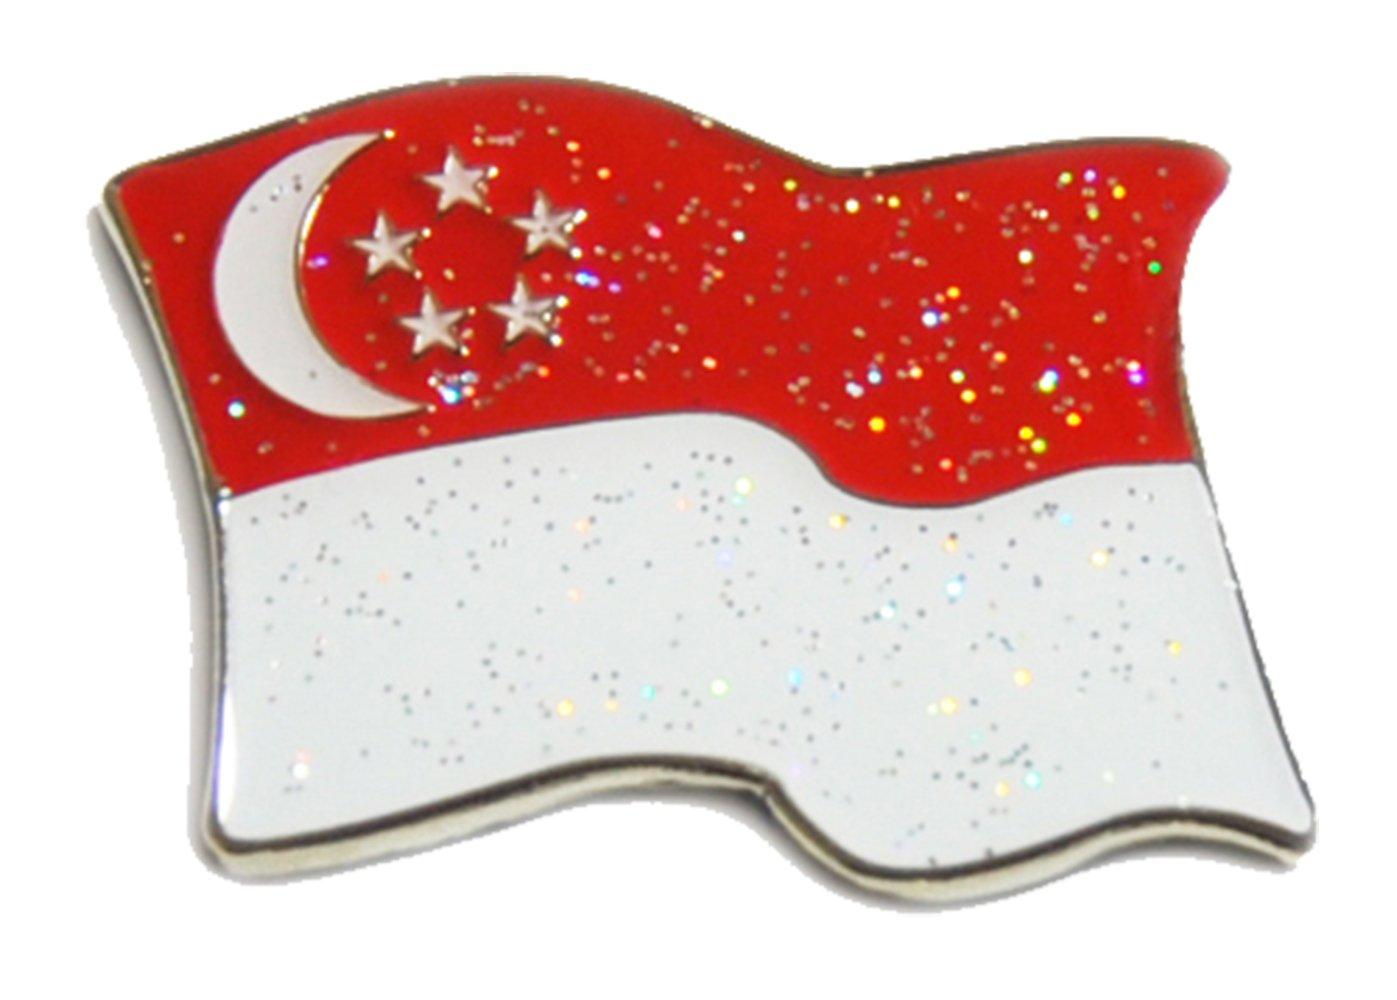 シンガポール国旗キラキラボールマーカーwithデザイン磁気帽子クリップby Navika USA   B079N83HKJ